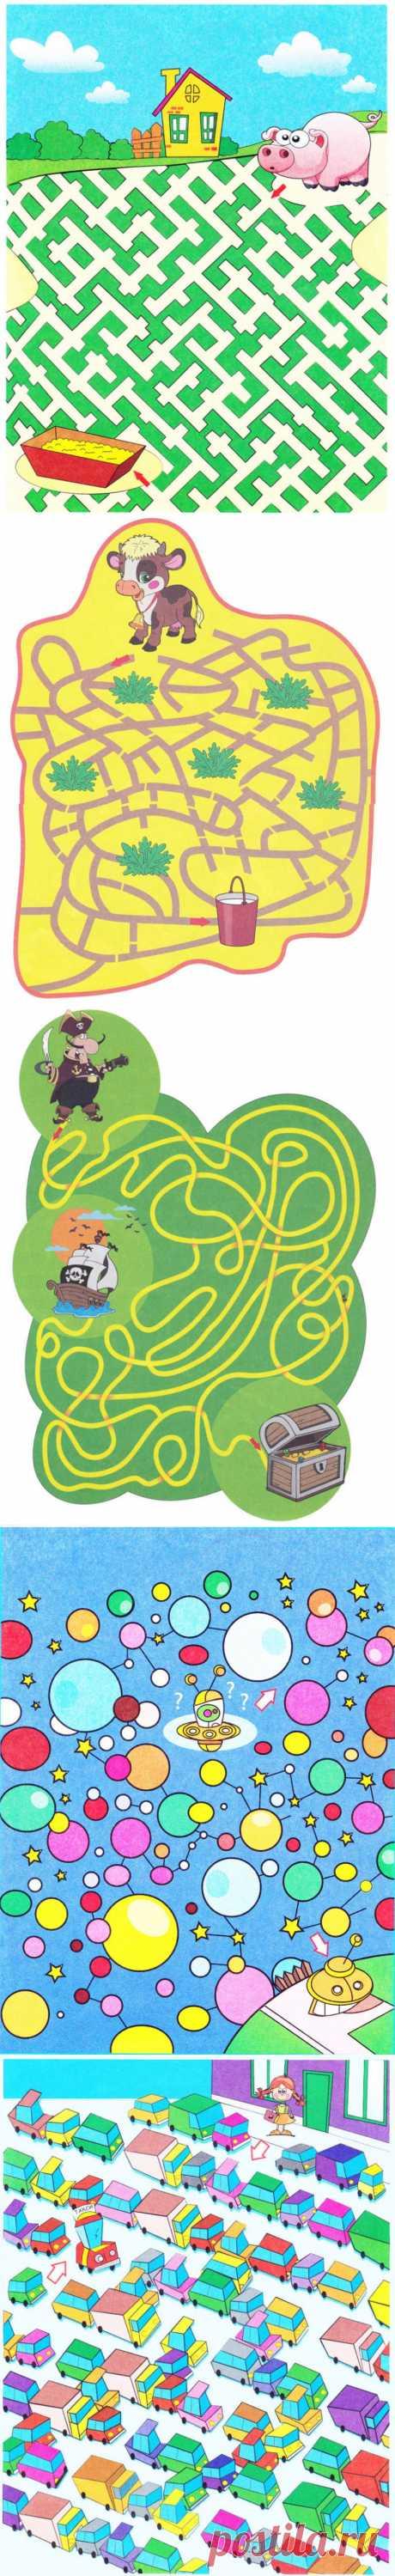 Сказочные лабиринты для развития пространственного мышления | Играем и развиваемся